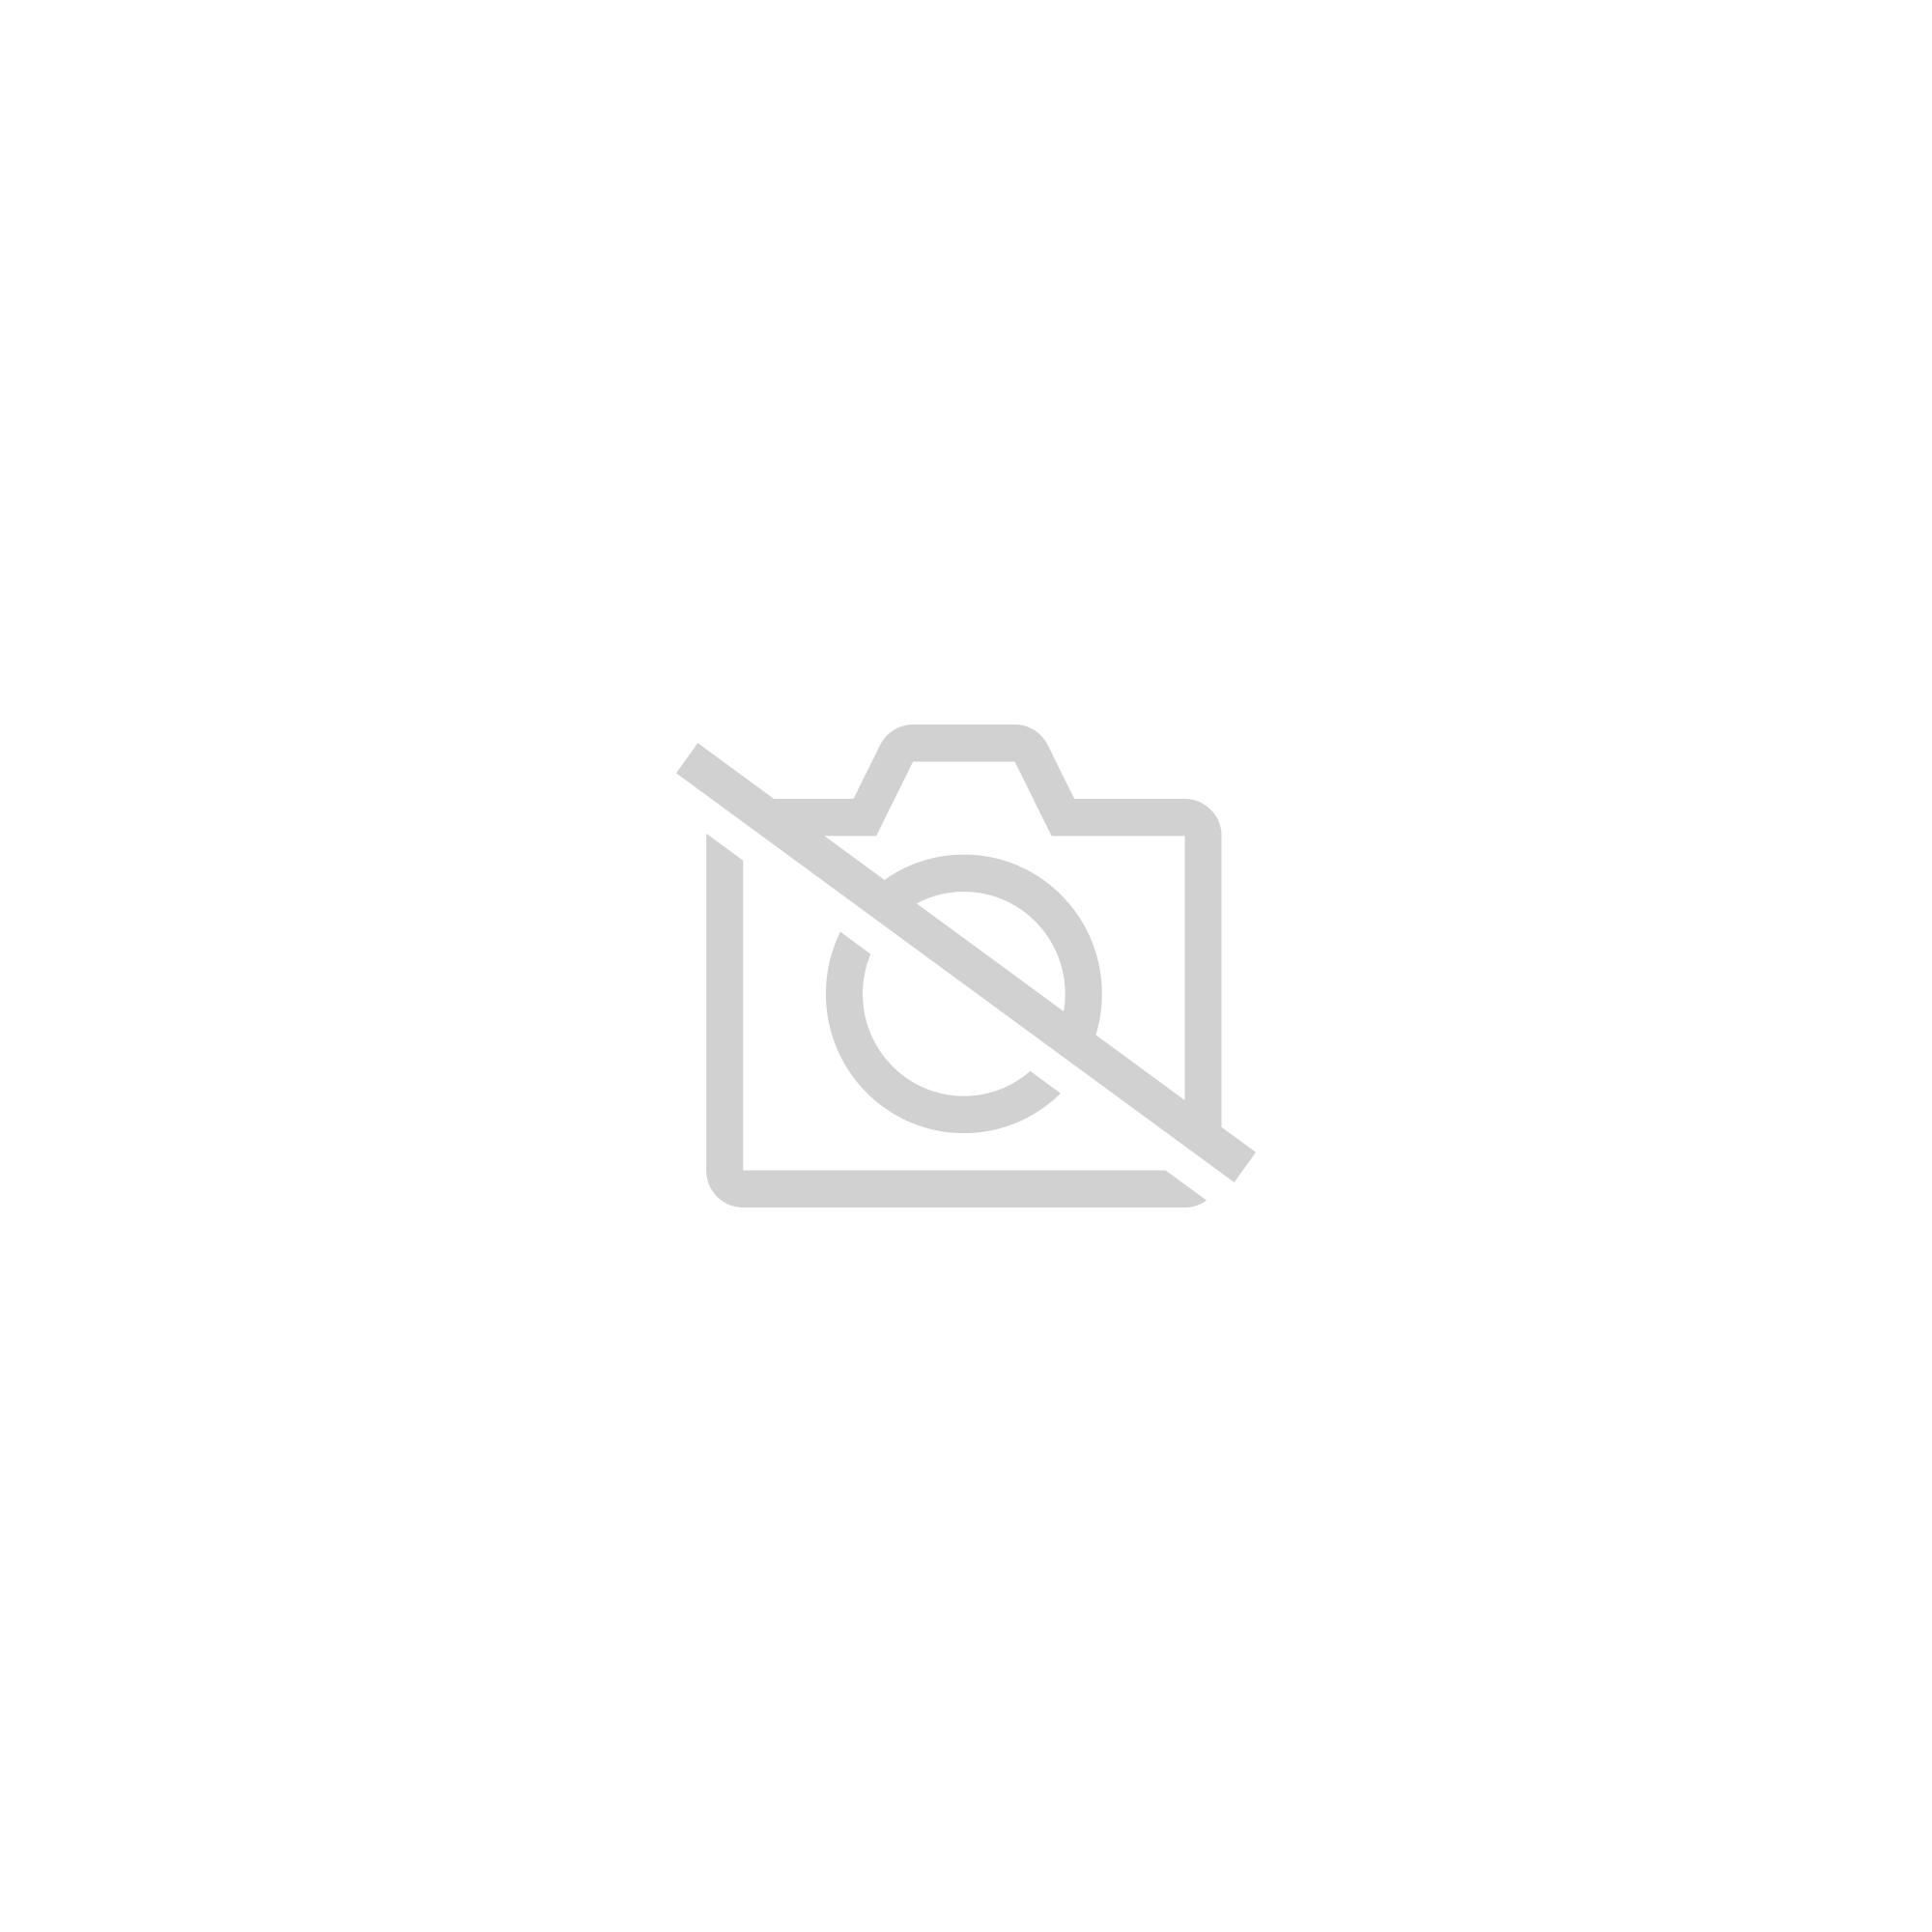 Blue Exorcist - Tome 14 - Edition Sp�ciale : Inclus Couverture Exclusive Fnac de Kazue Kato